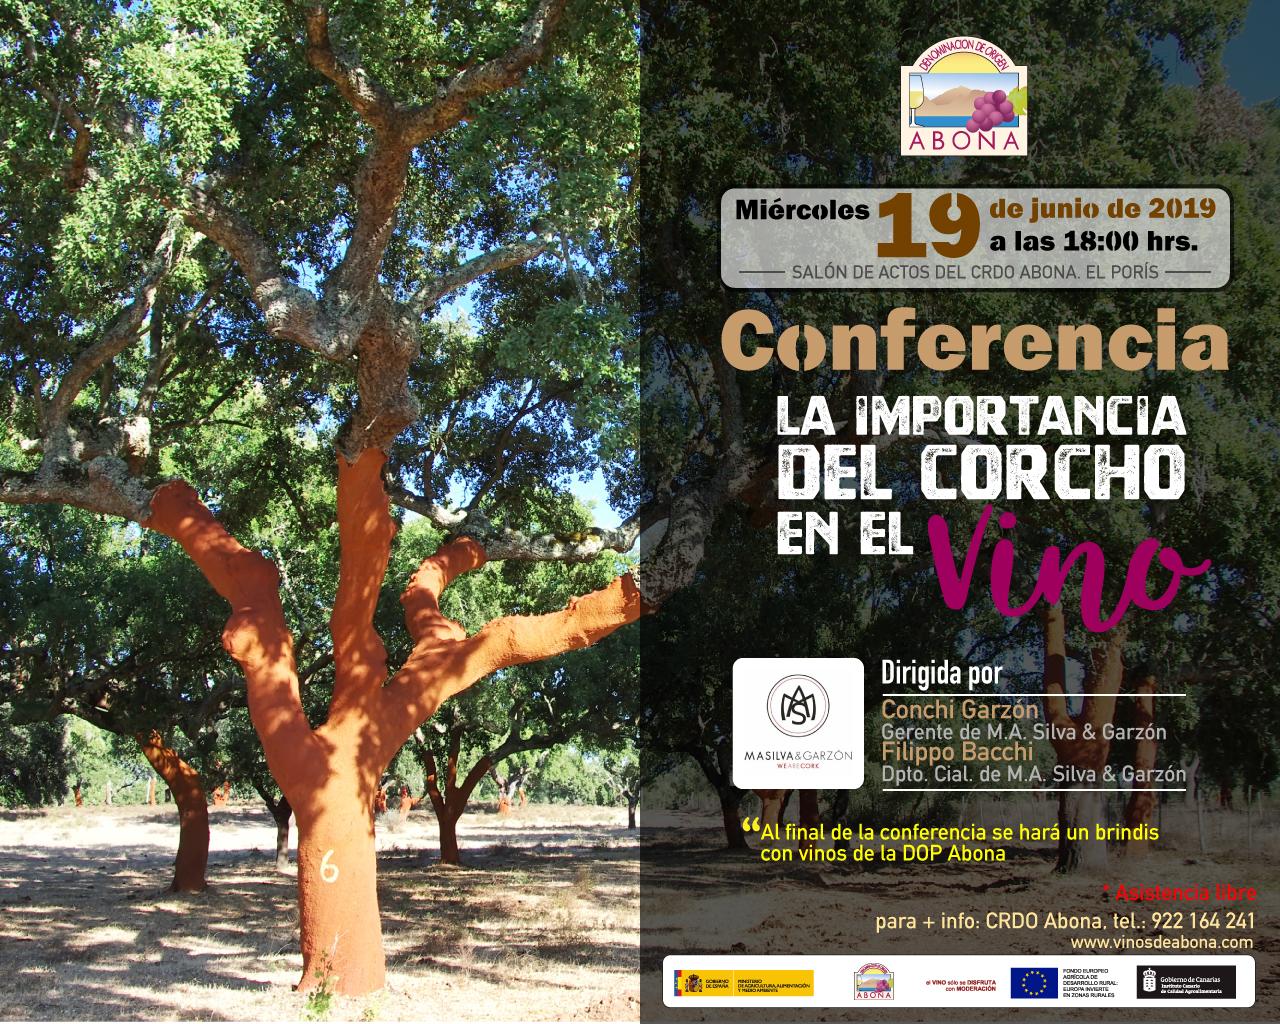 La La importancia del corcho en el vino, interesante conferencia el la sede de la DOP Abona el 19 de junio de 2019